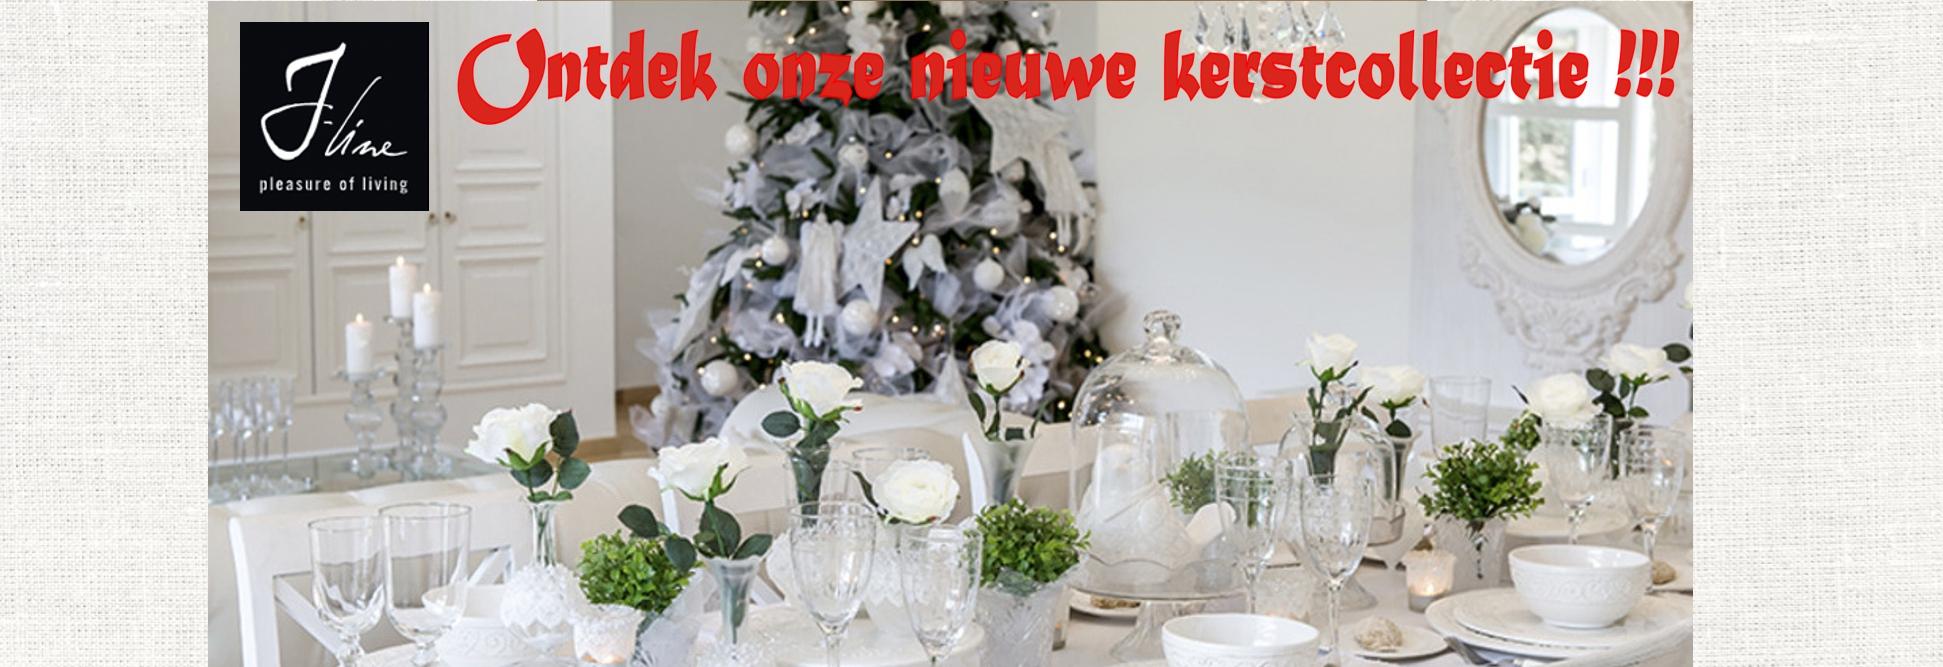 Kerstcollectie J-Line